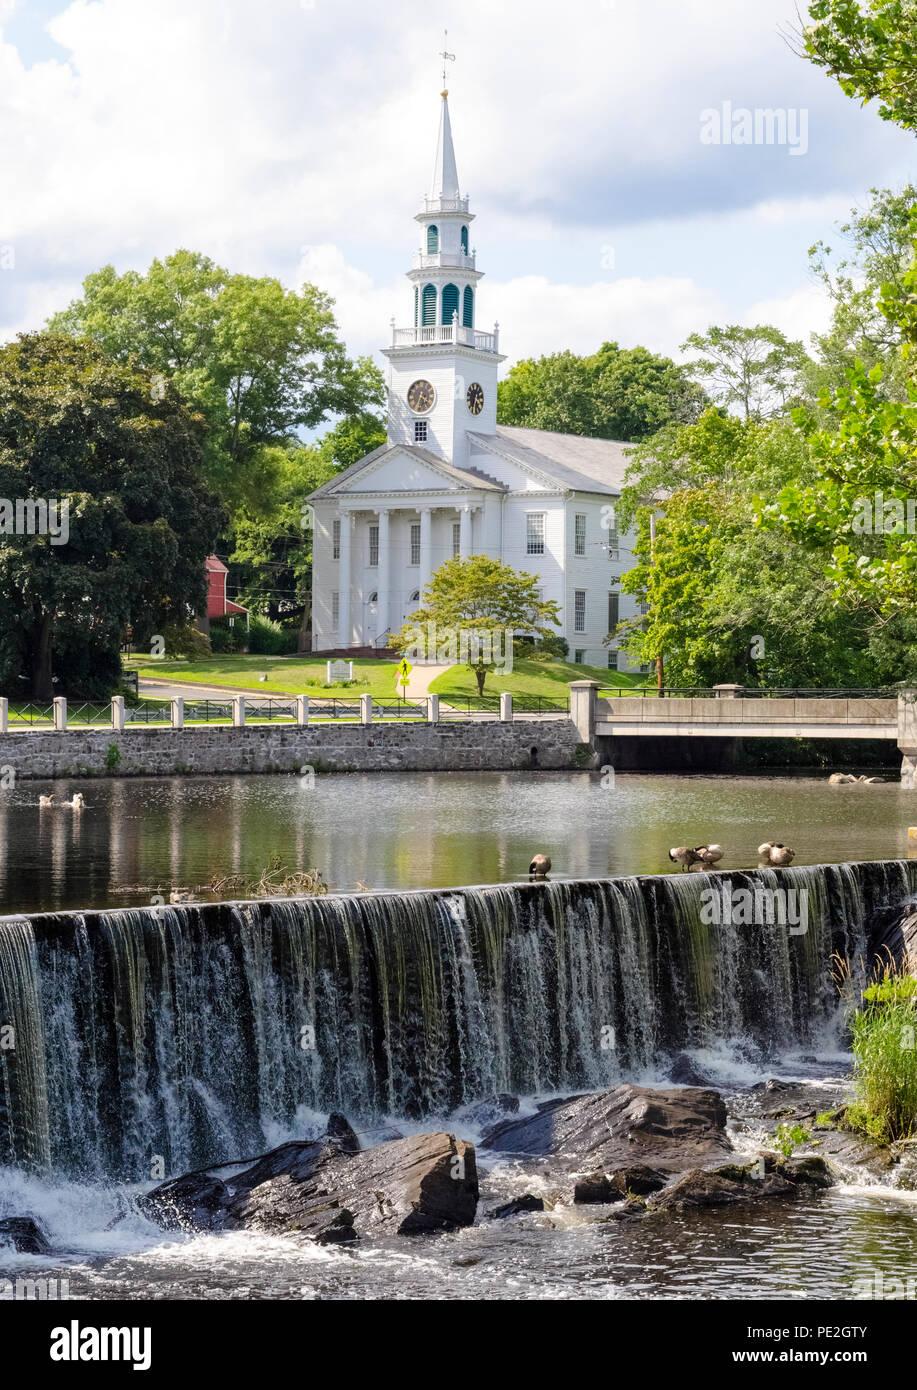 """Le livre blanc-columned Première Église unie du Christ avec l'horloge et son clocher date de 1824 et donne sur un lagon dans ce pittoresque scène de la Nouvelle-Angleterre dans le cœur historique de la Milford, Connecticut, USA. Maintenant pour s'identifier comme """"une petite ville avec un grand Cœur, il a été fondée en 1639 comme une colonie anglaise appelé Wepowage, le nom indien de la rivière qui coulait à travers la colonie. Un an plus tard, elle a été renommée Milford en référence à un moulin établi là. Photo Stock"""